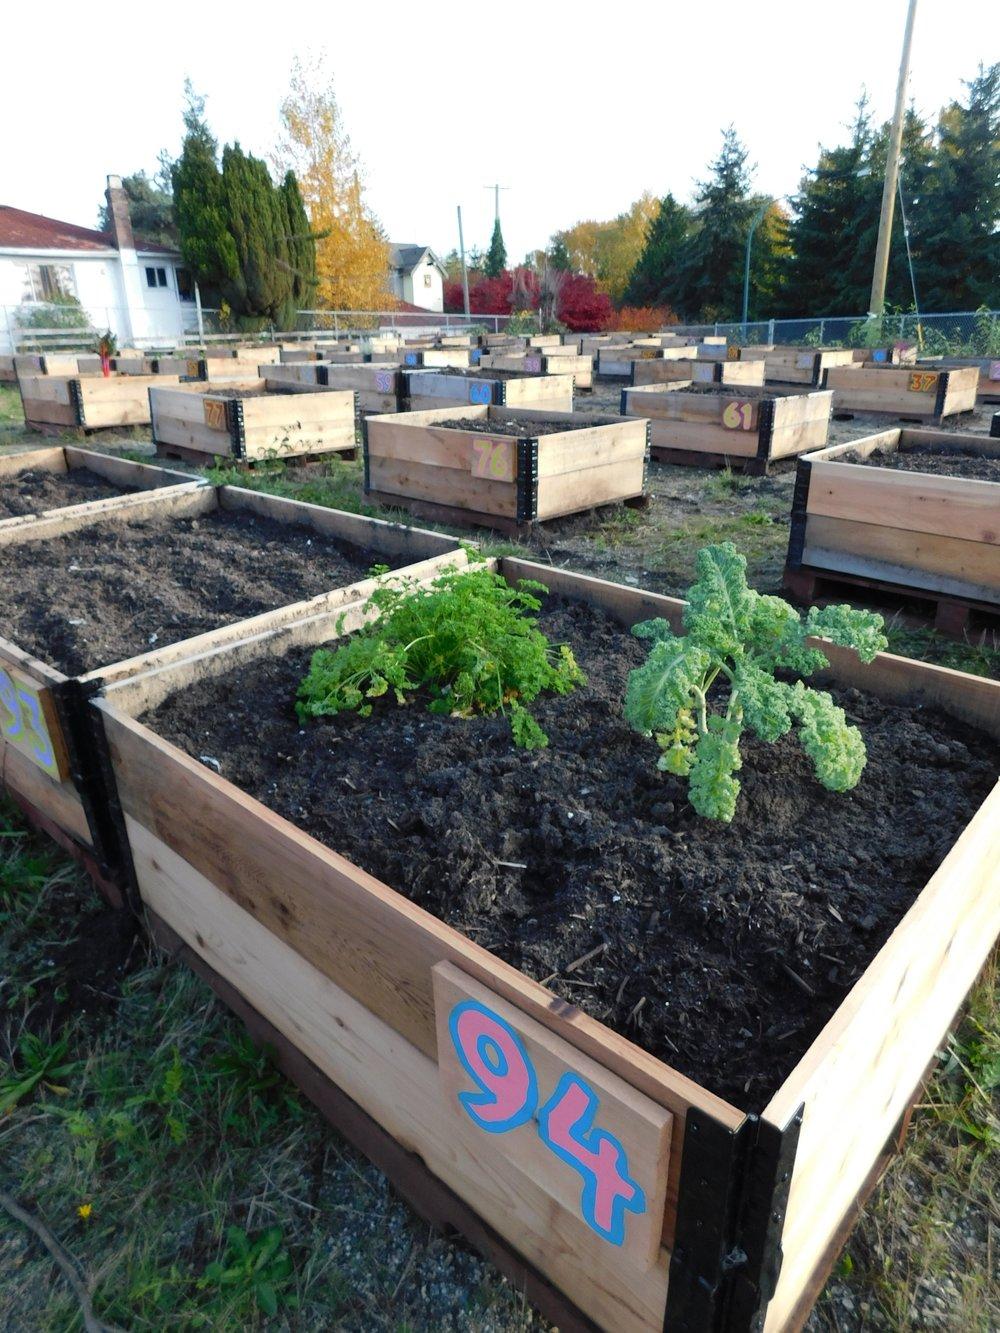 Victoria_Broadway_Vancouver_Community_Garden_Builders-0005.JPG